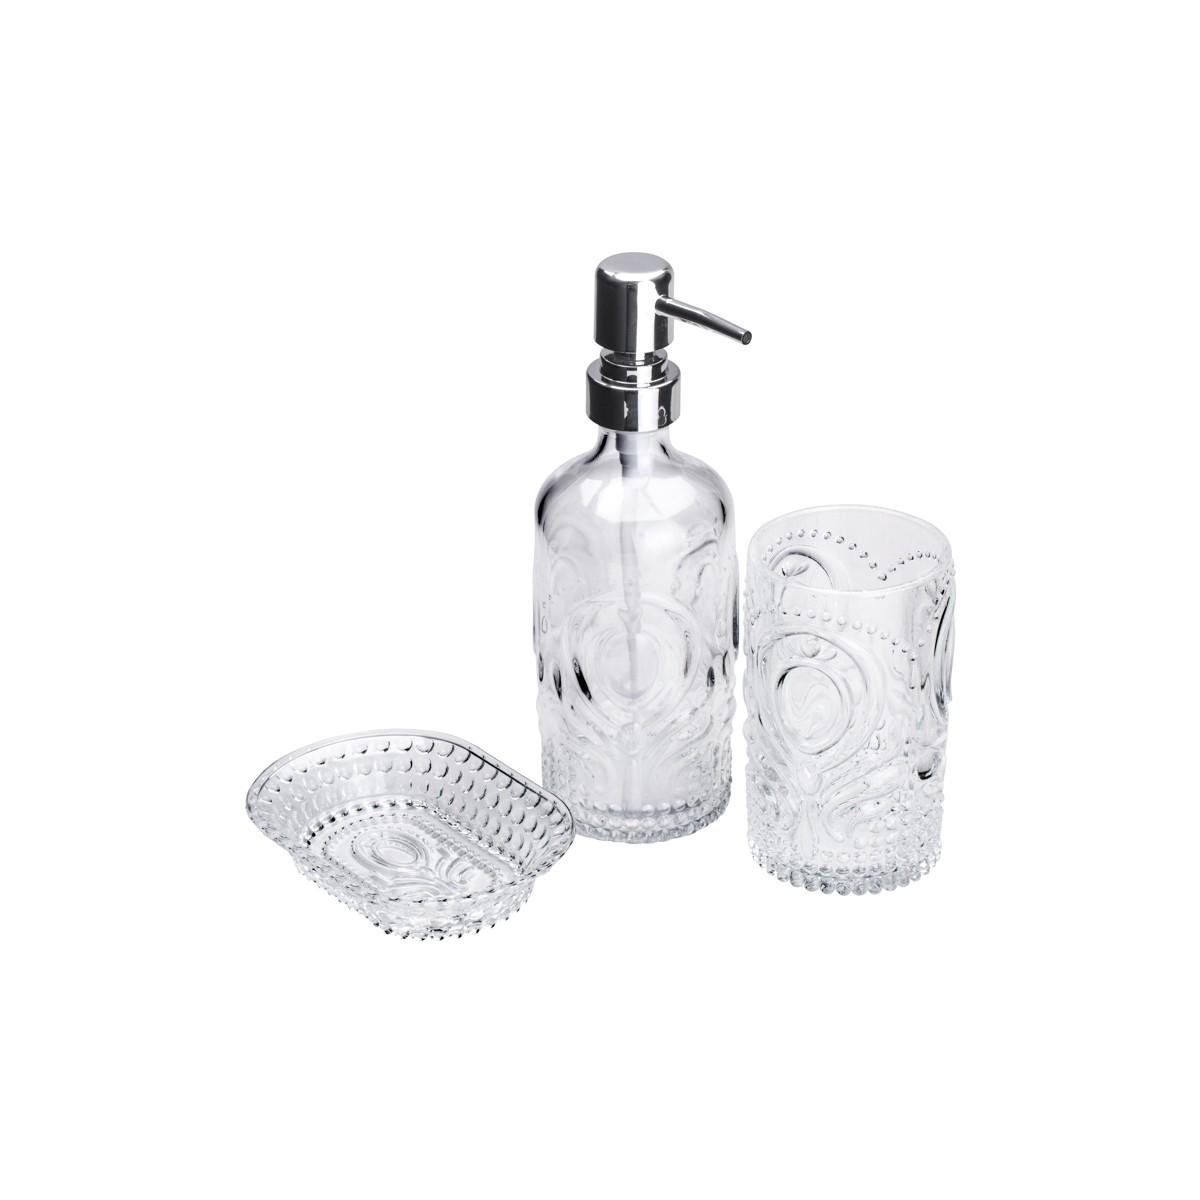 Conjunto P/ Banheiro C/ 3 Peças De Vidro Transparente Pierre Lyor